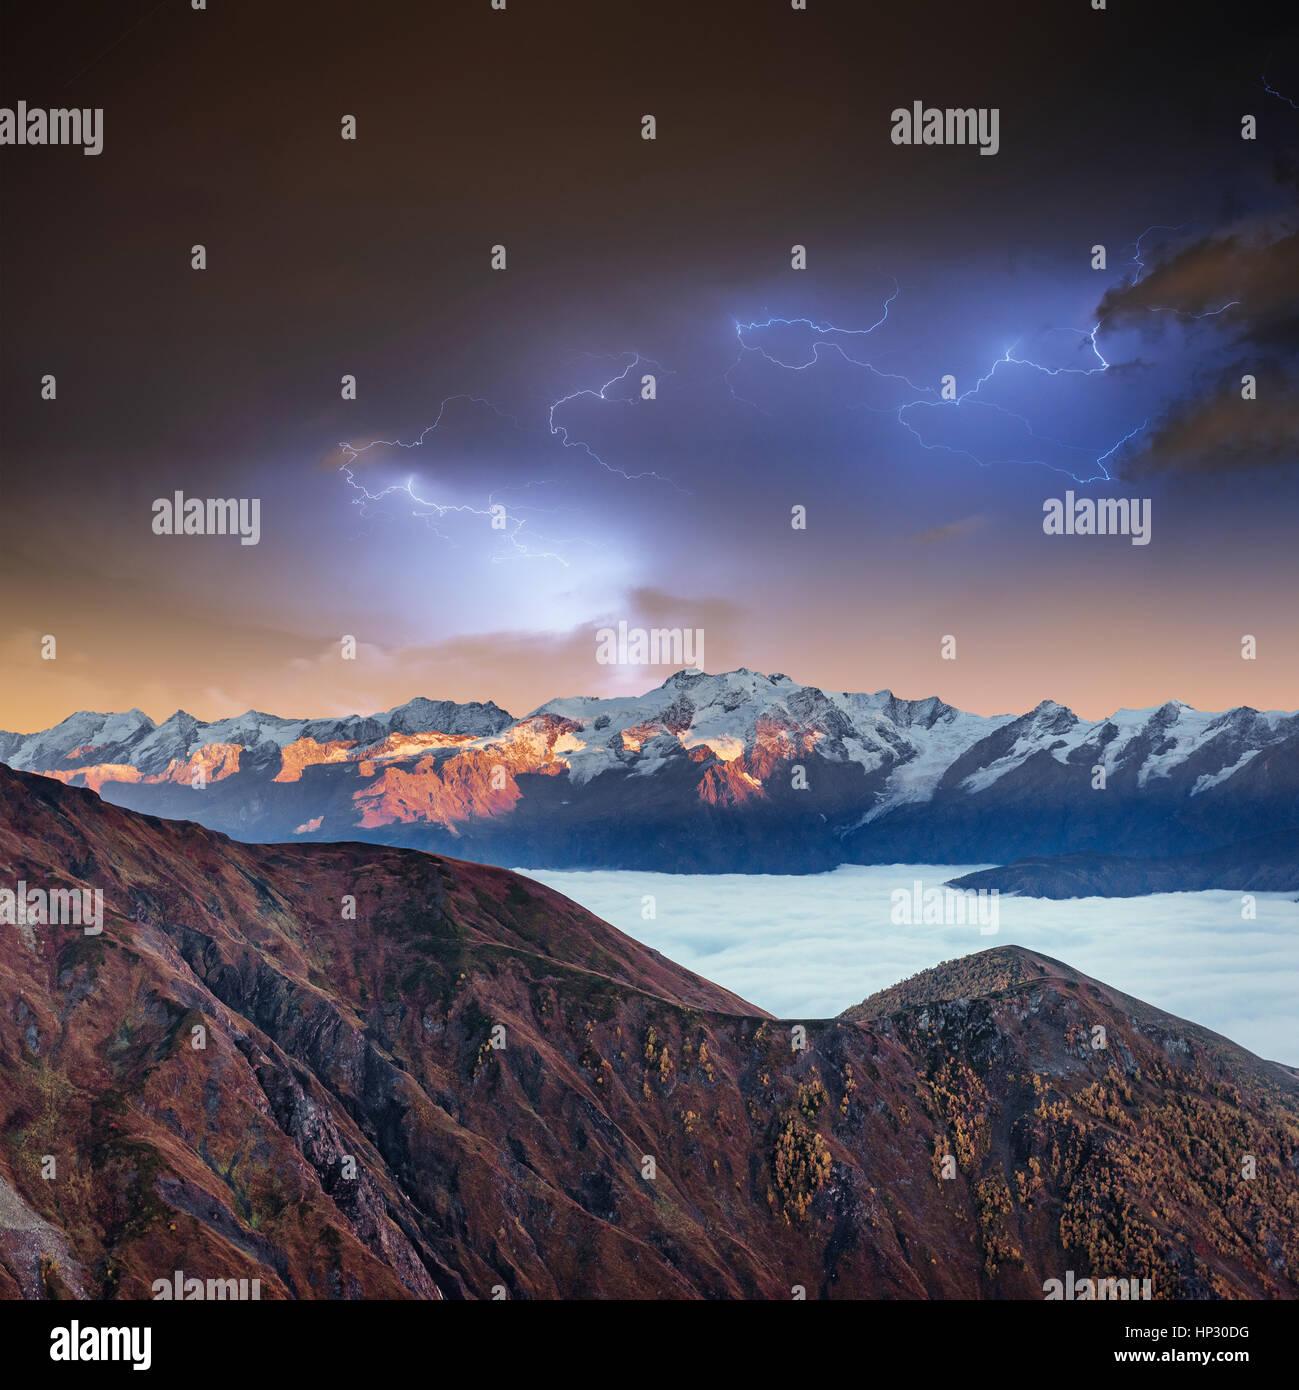 Fantastische Collage. Schöne Beleuchtung über den schneebedeckten Stockbild